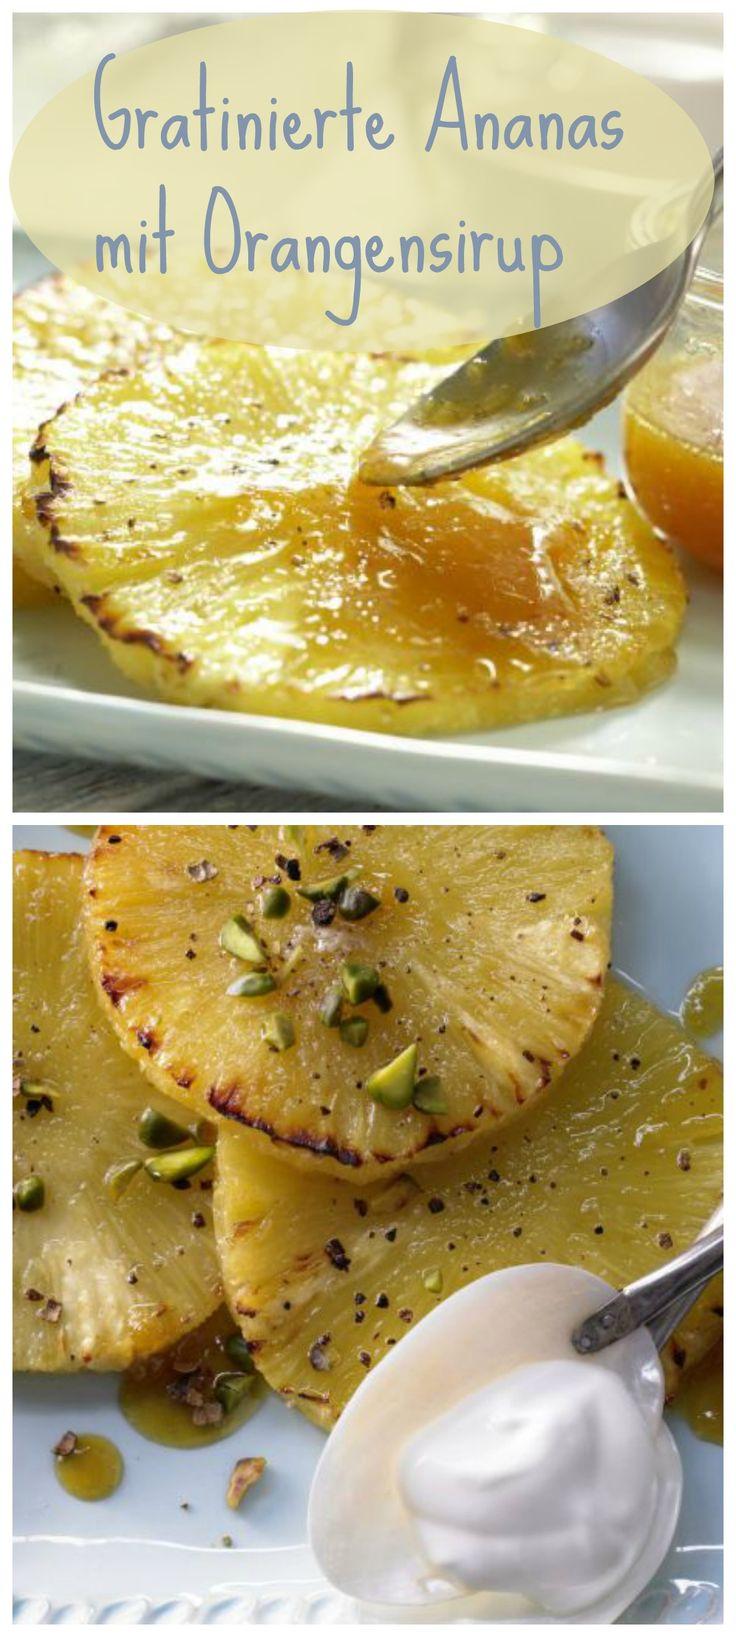 Das Dessert punktet mit verführerischem Geschmack bei nur 280 Kalorien: Gratinierte Ananas mit Pimentzucker und Orangensirup | http://eatsmarter.de/rezepte/gratinierte-ananas